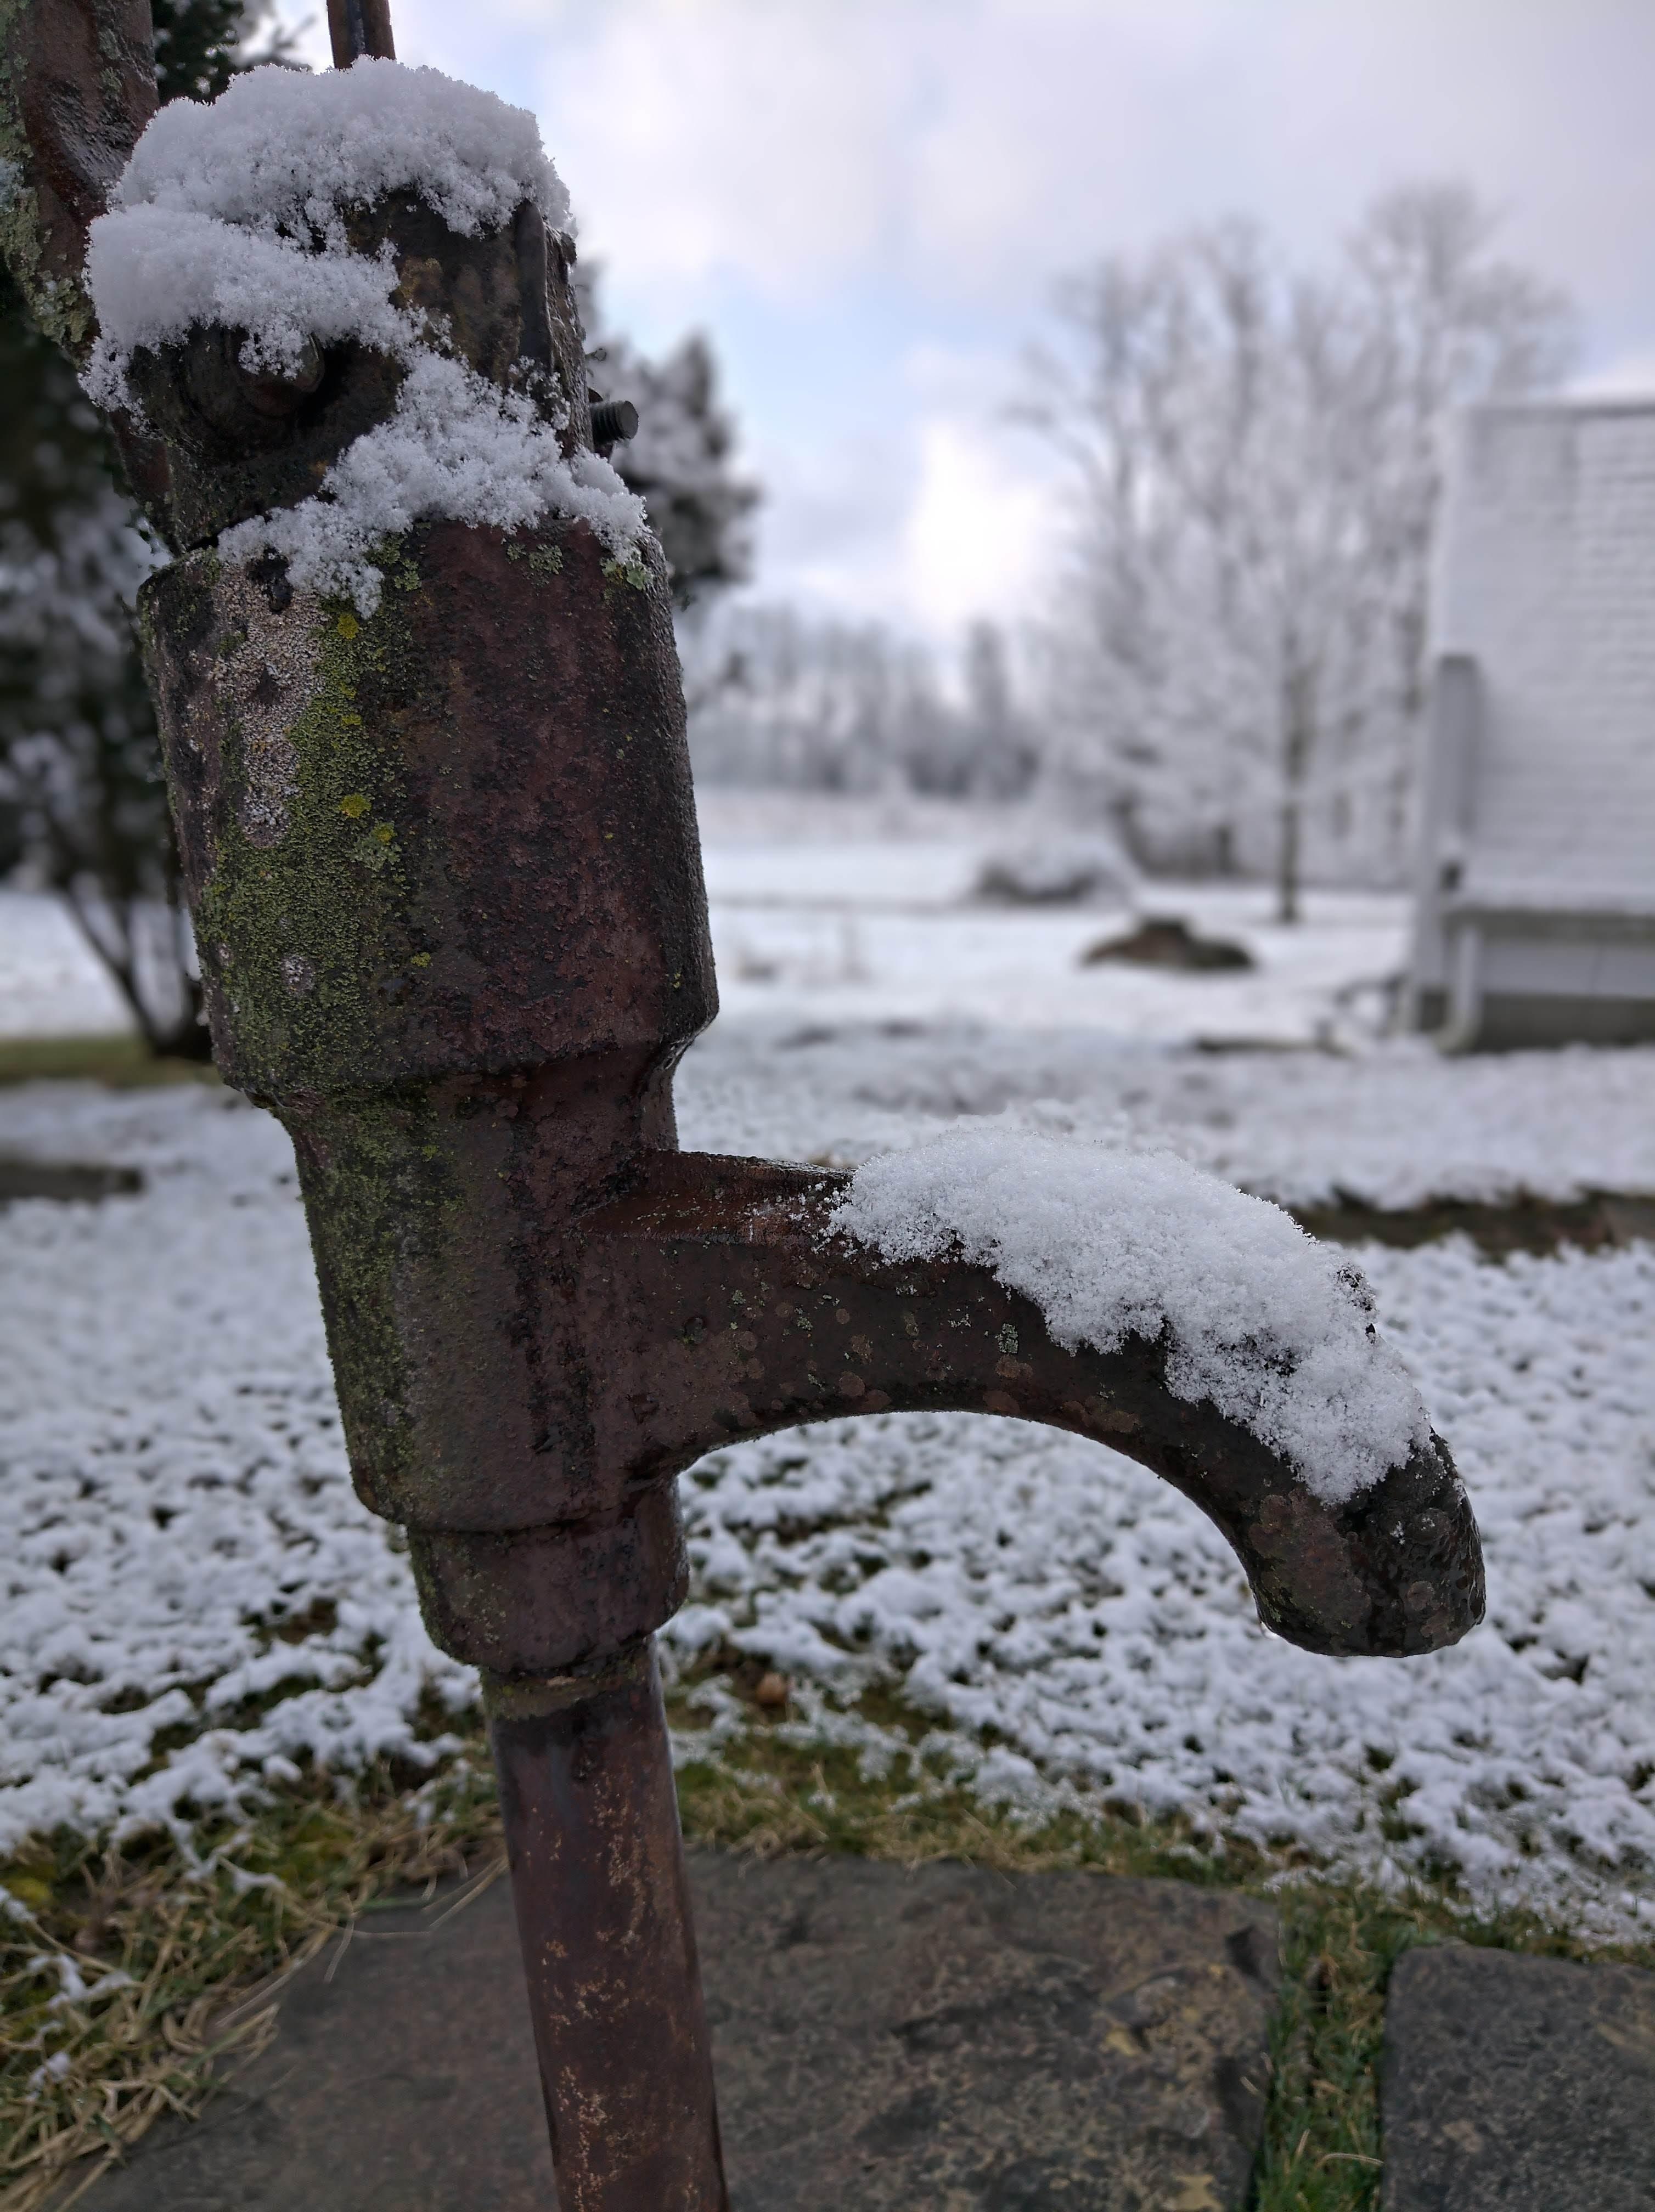 ウォーターポンプ, 雪の無料の写真素材